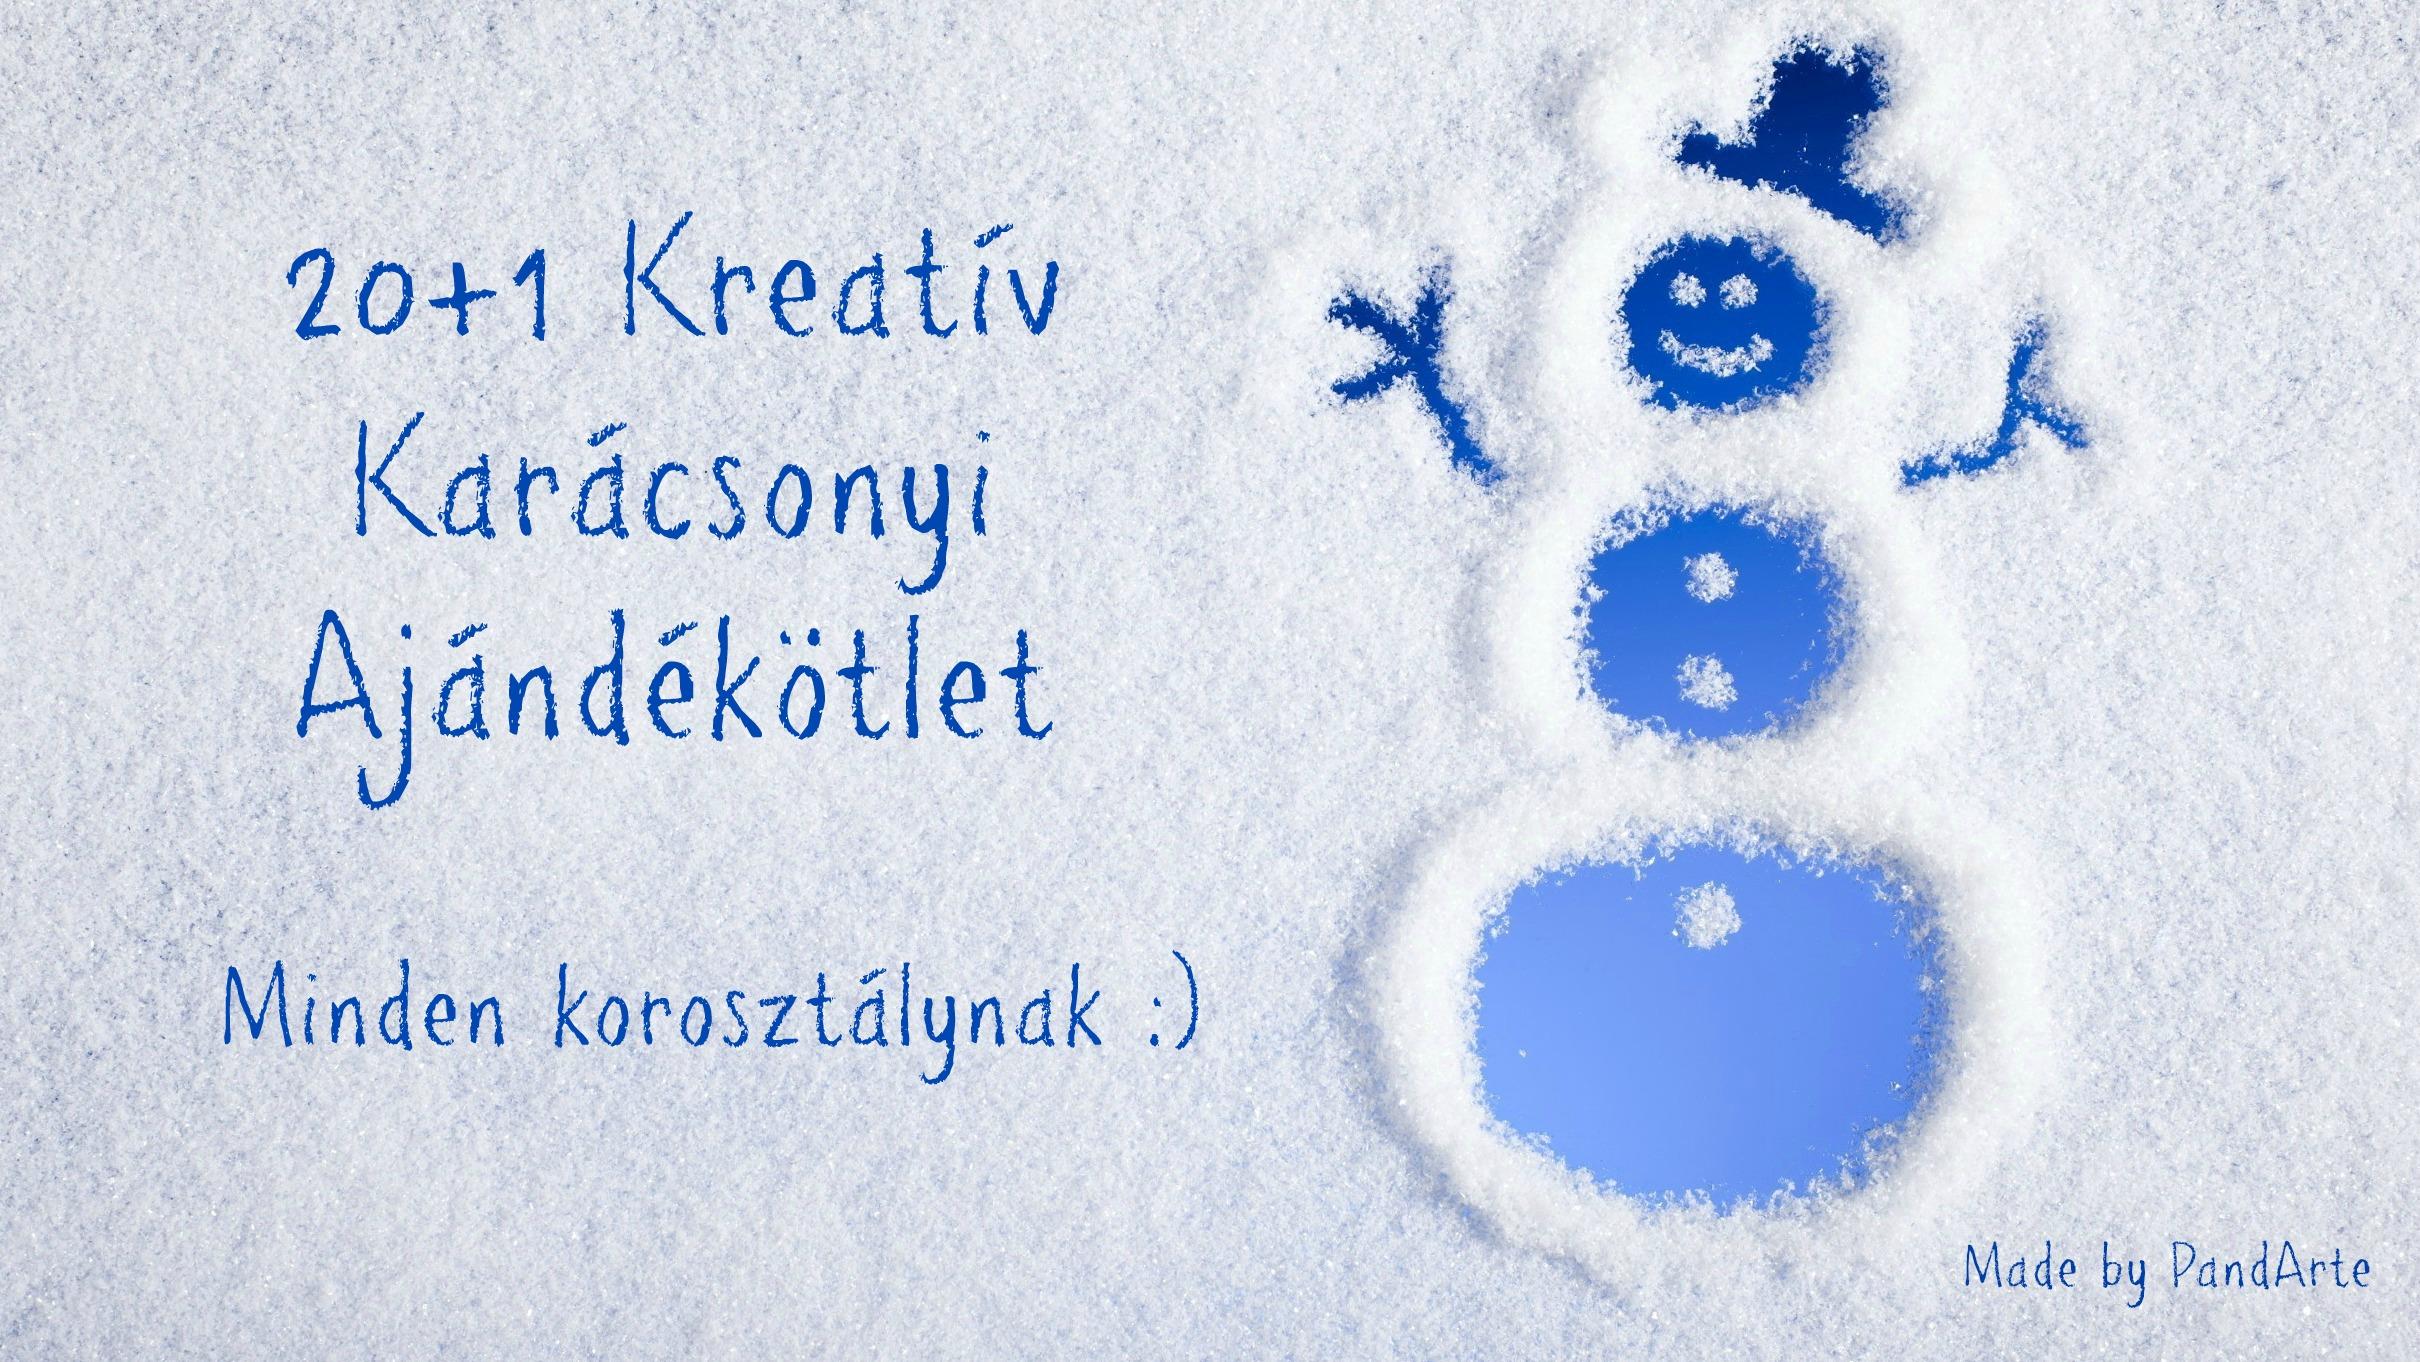 d7ea6d2f76a0 20+1 Tuti ajándéktipp Karácsonyra! - PandArte